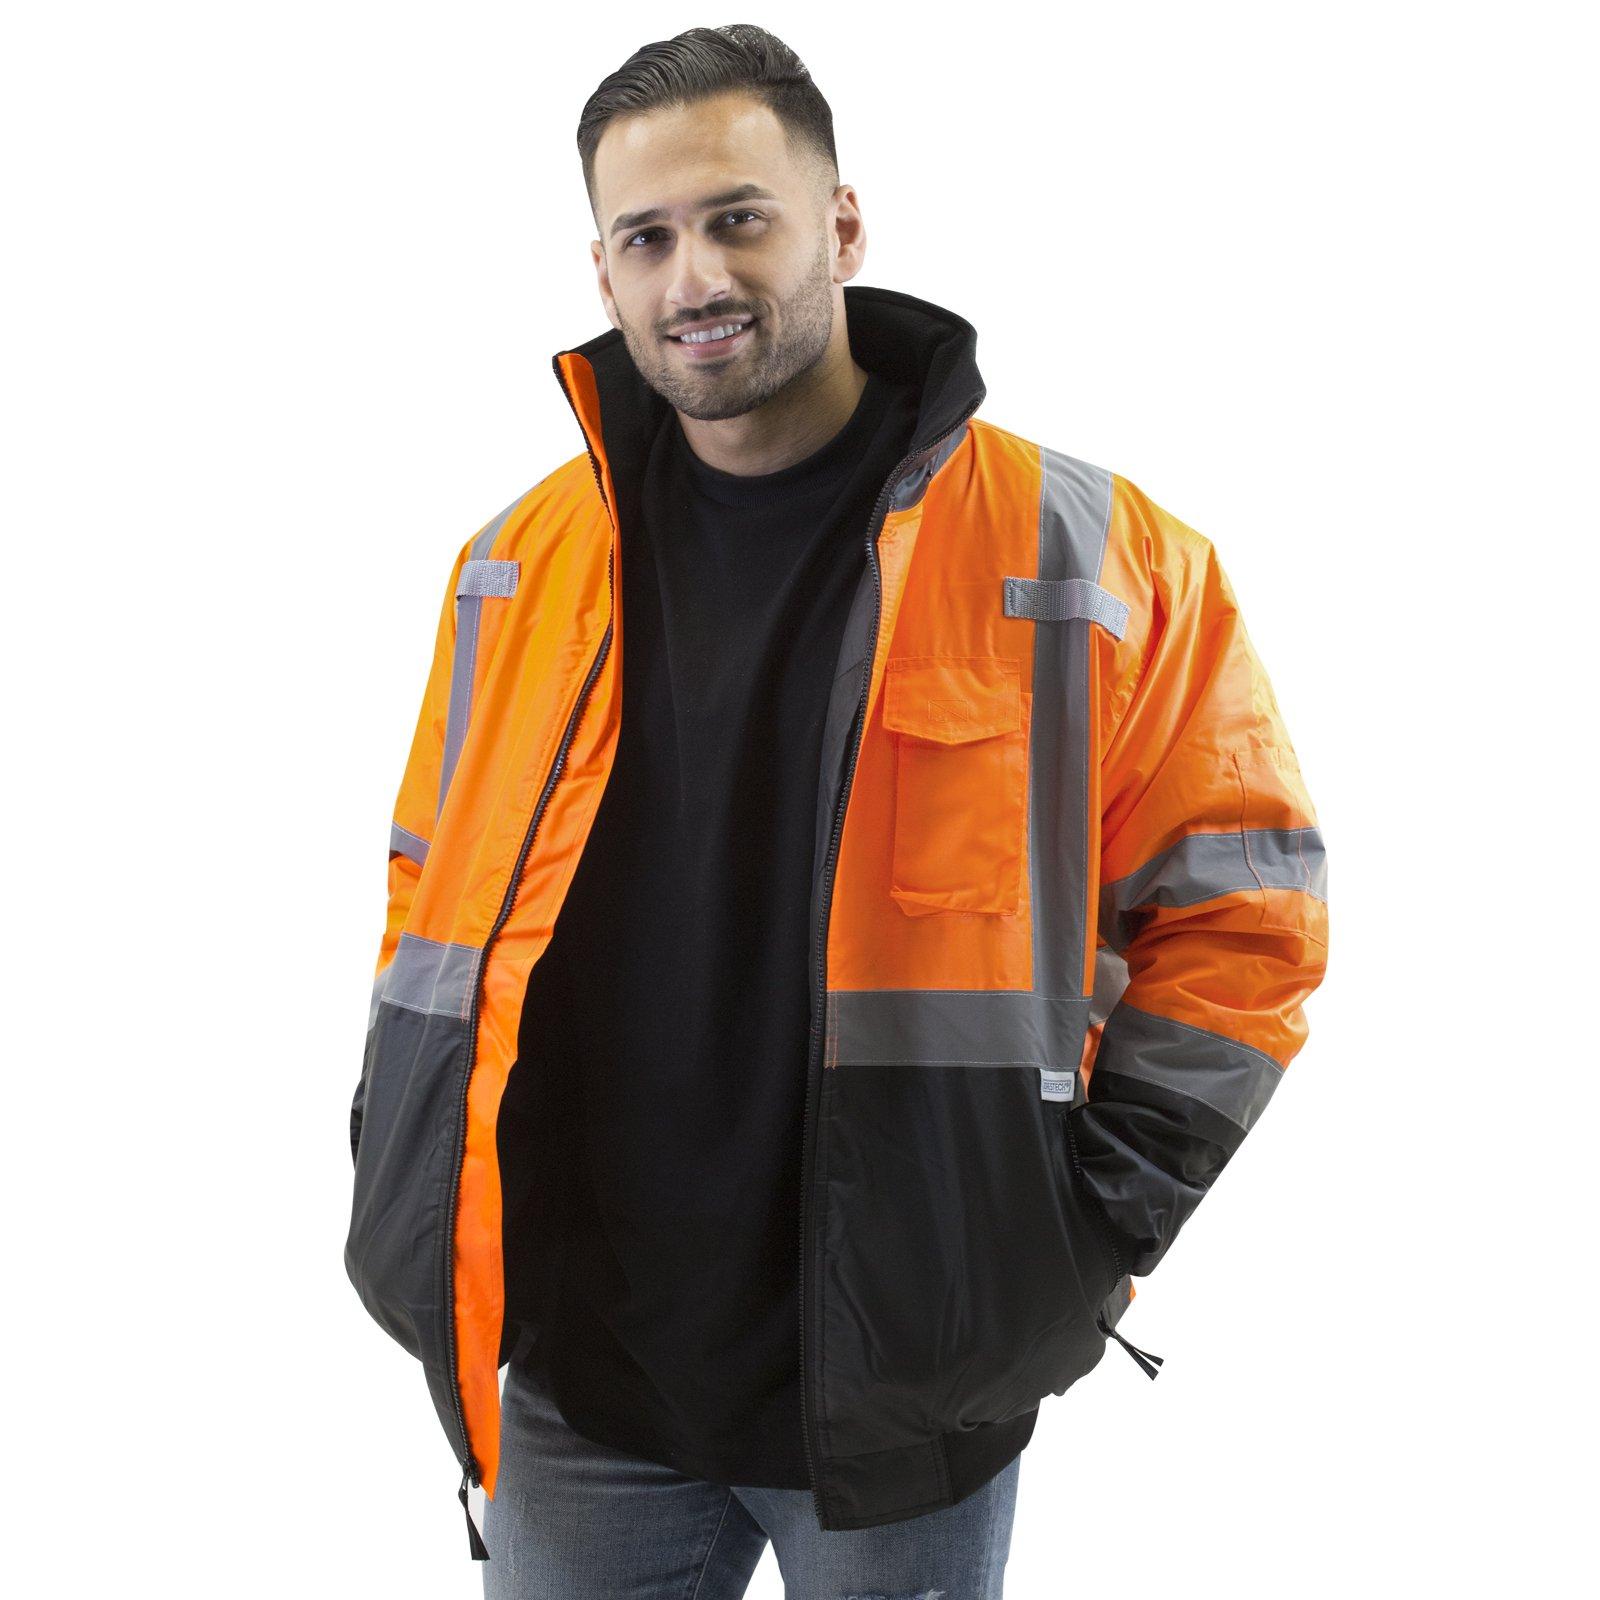 JORESTECH High Visibility Waterproof Bomber Jacket (Extra Large, Orange)